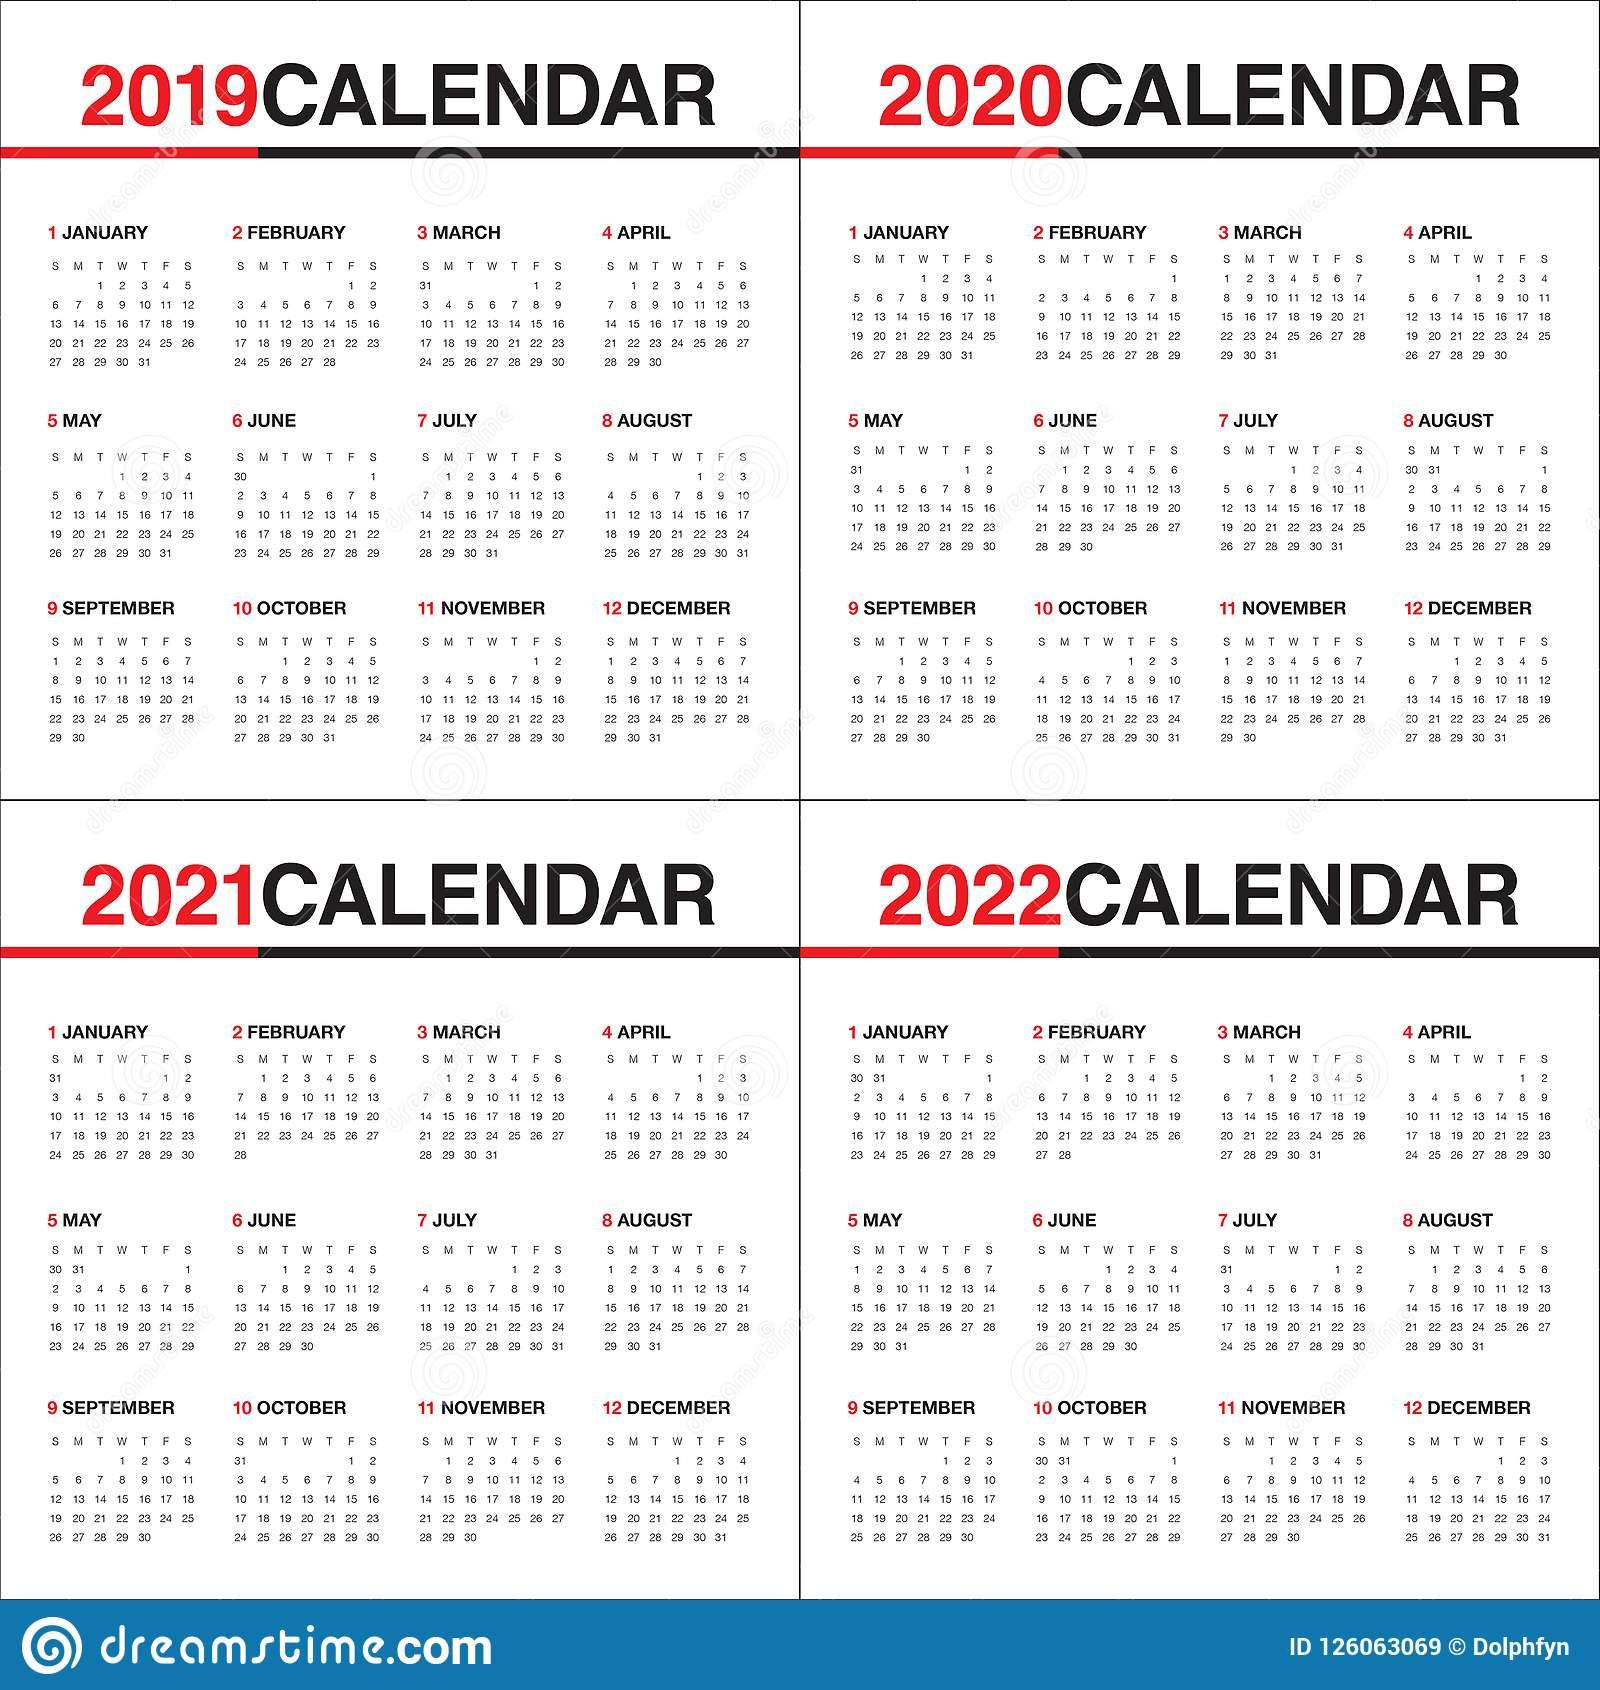 2019 To 2022 Calendar inside Free Printable Calendar 2020-2022